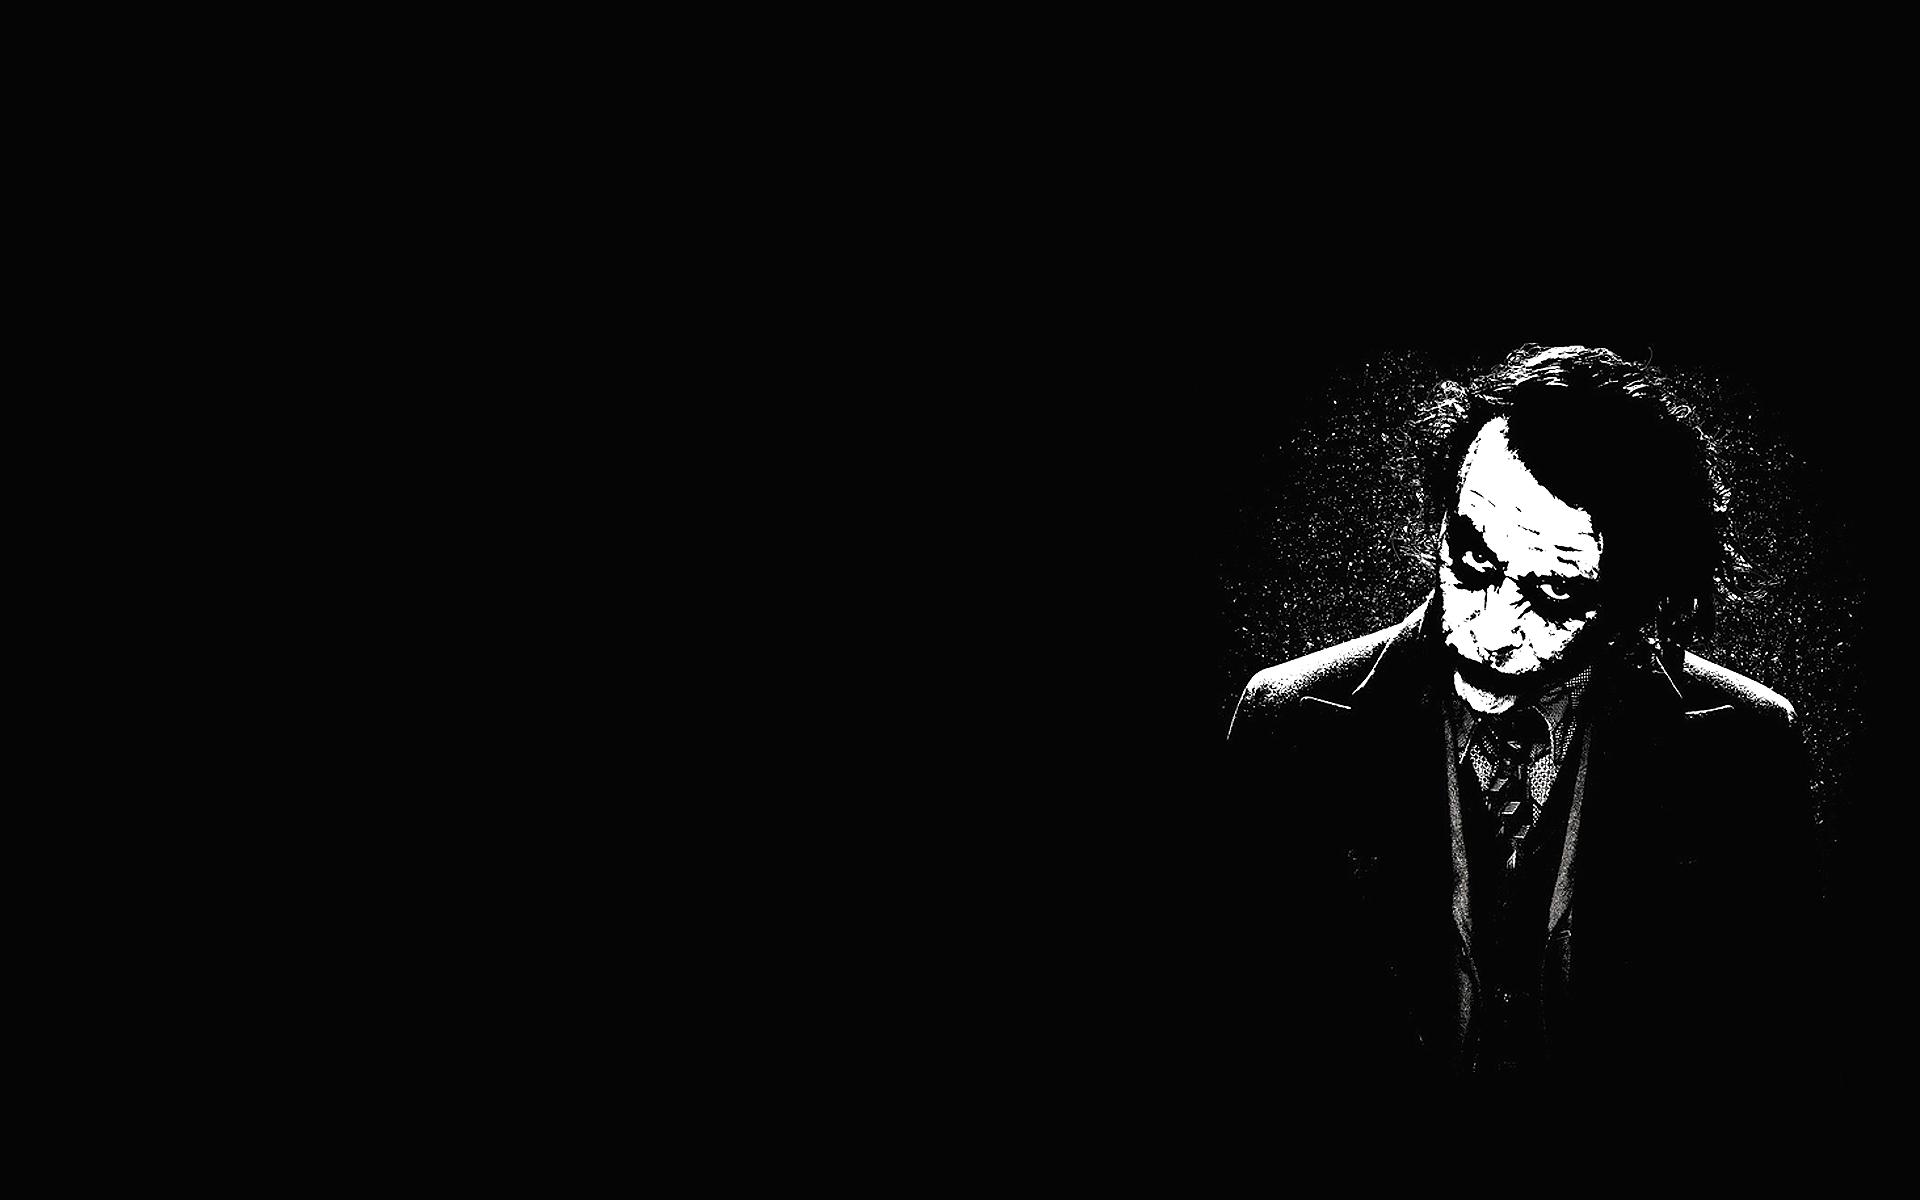 The Joker Wallpaper 1920x1200 The Joker 1920x1200